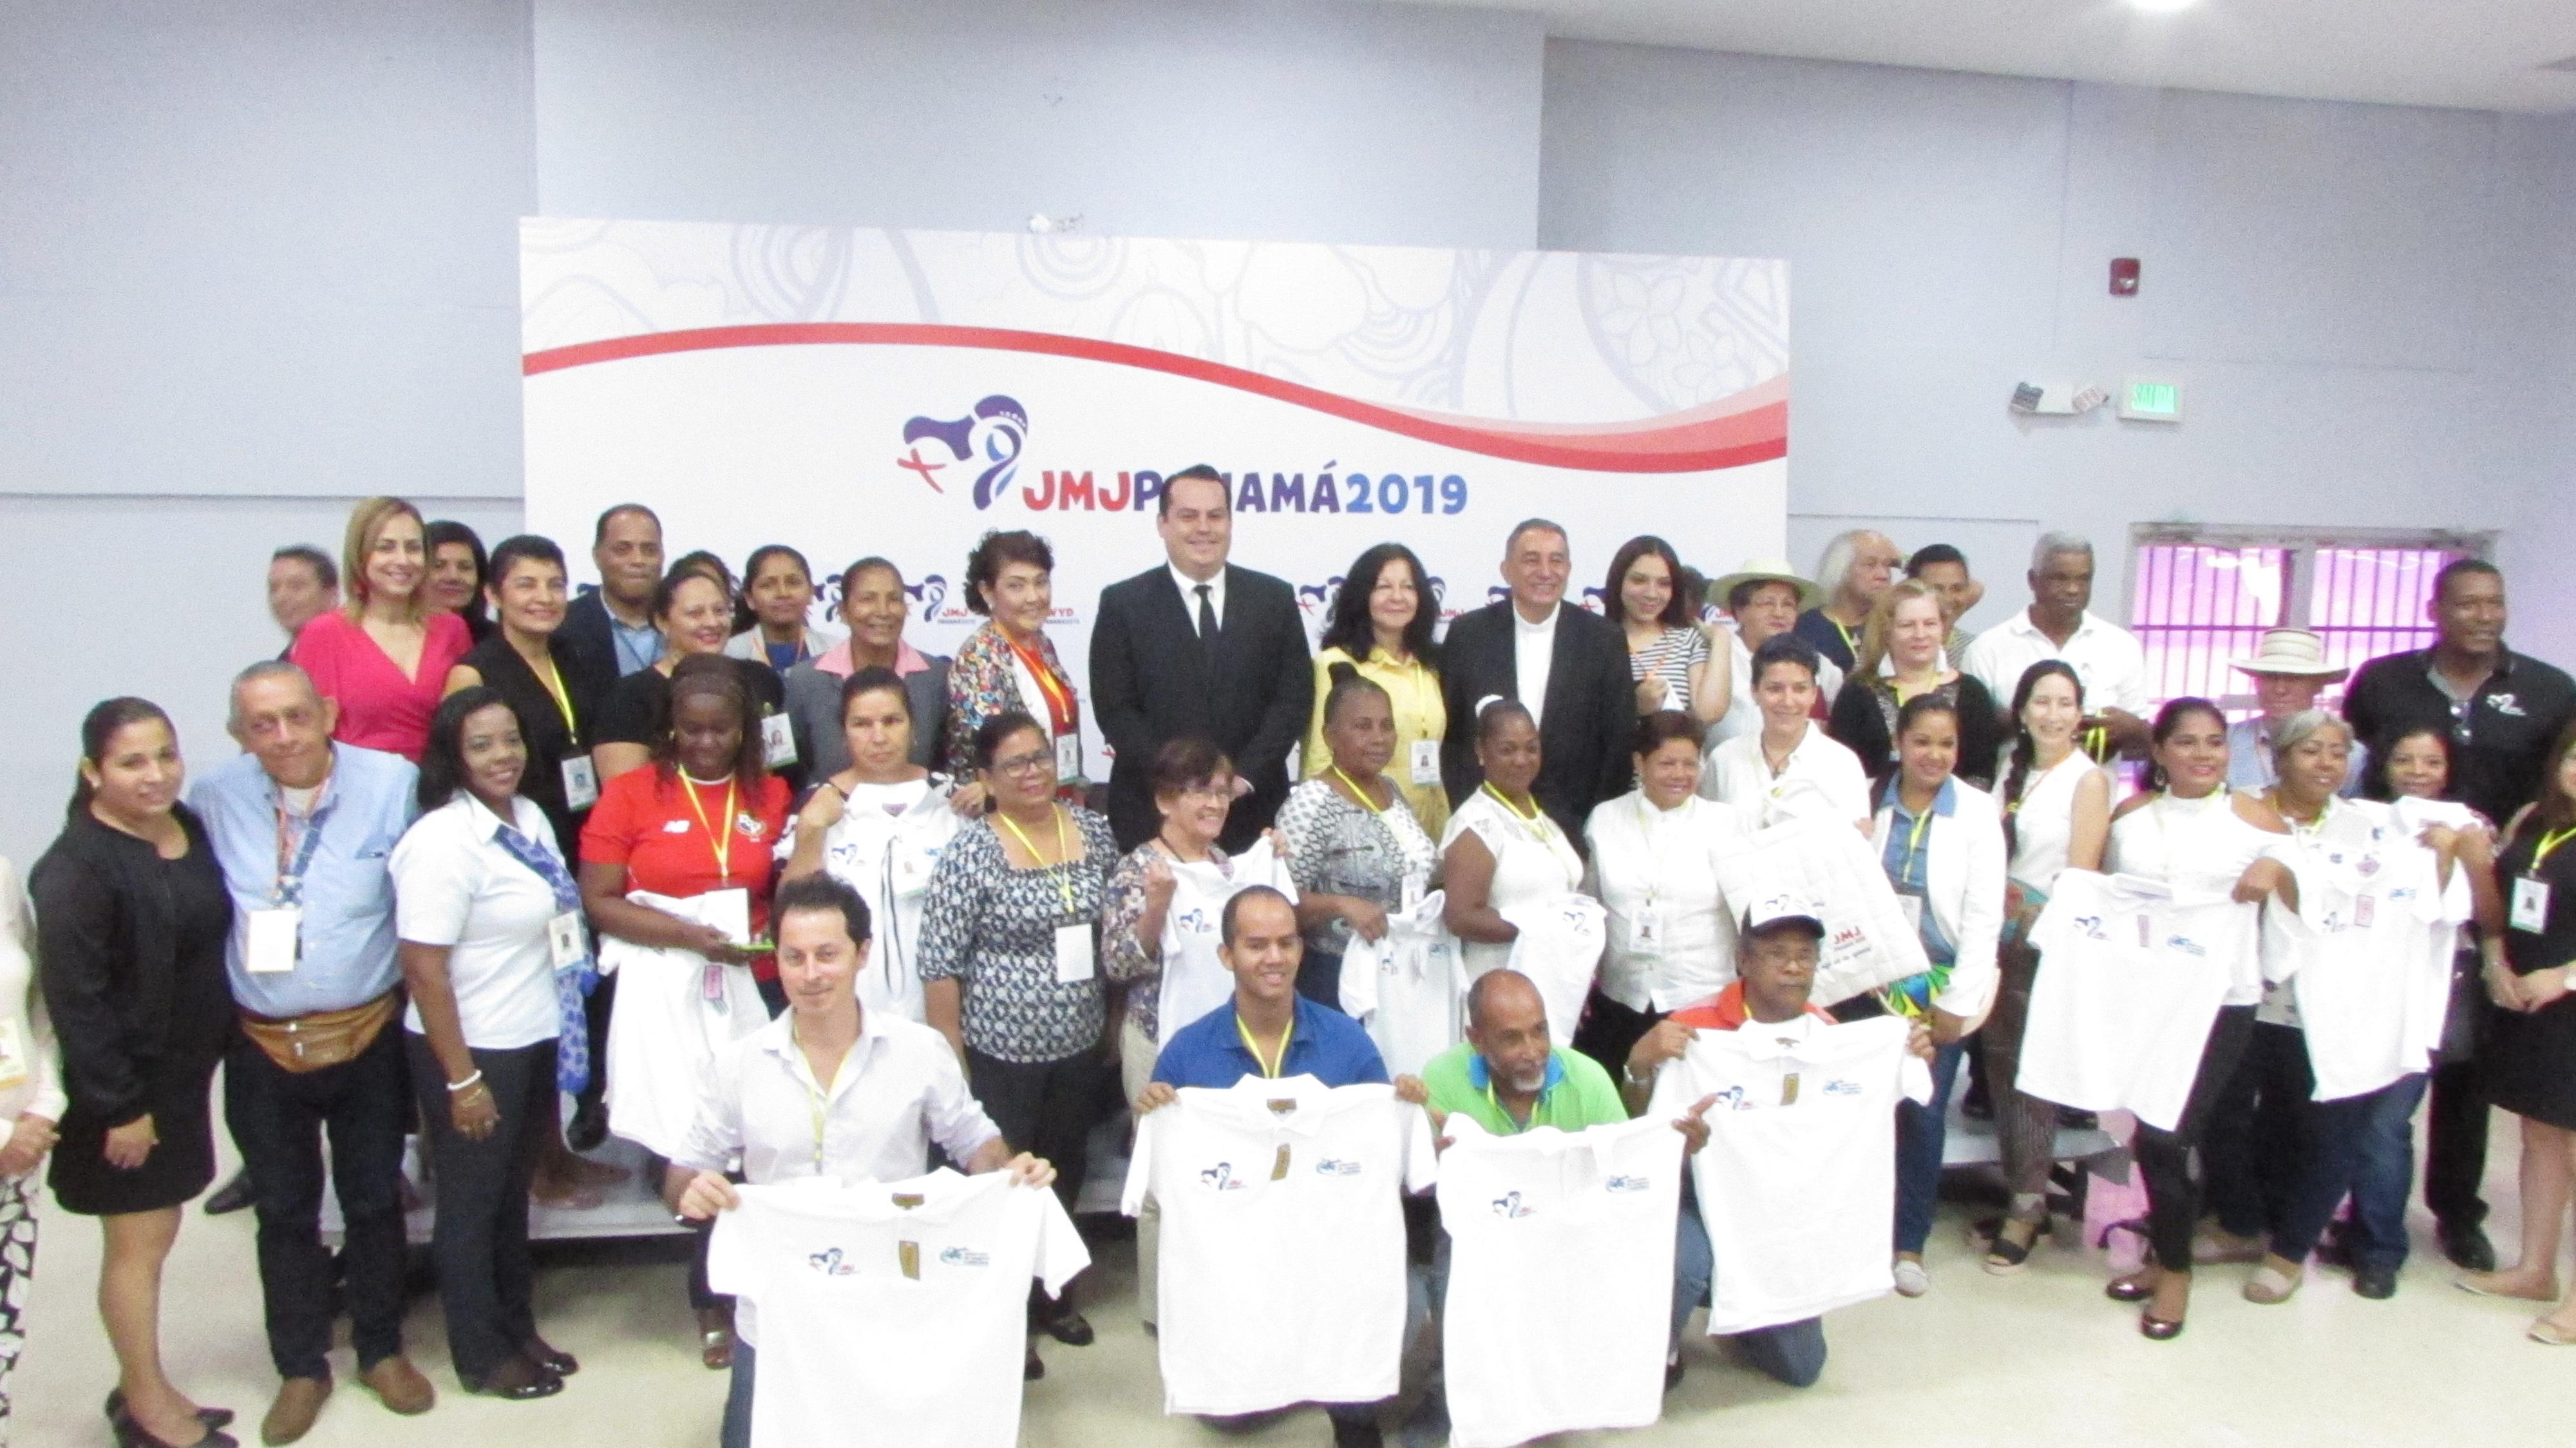 Artesanos panameños preparados para participar en la JMJ